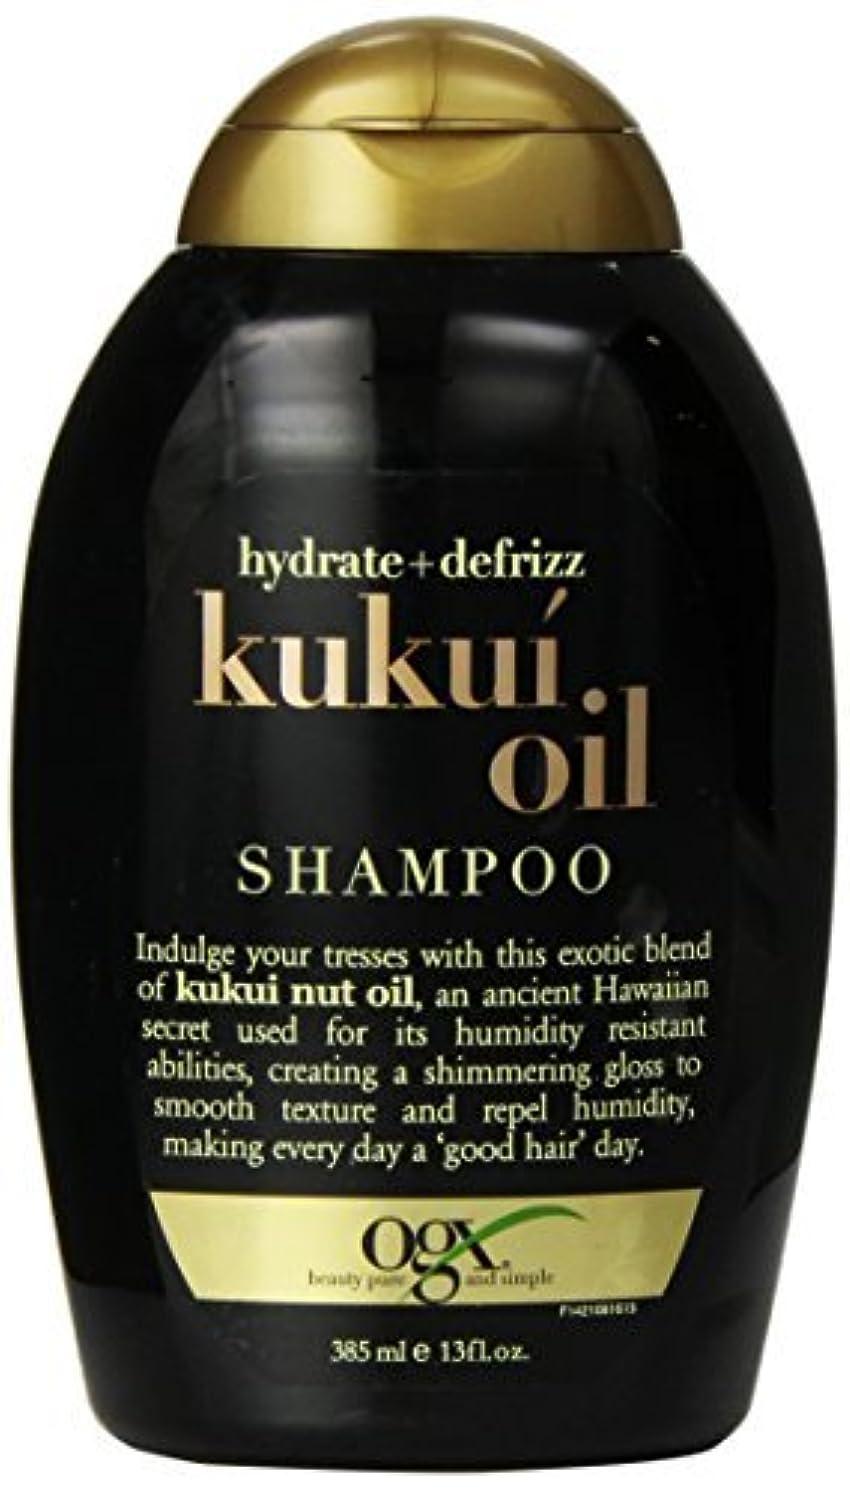 意気揚々リビングルームさておきOGX Kukui Oil Shampoo, Hydrate Plus Defrizz, 13 Ounce [並行輸入品]